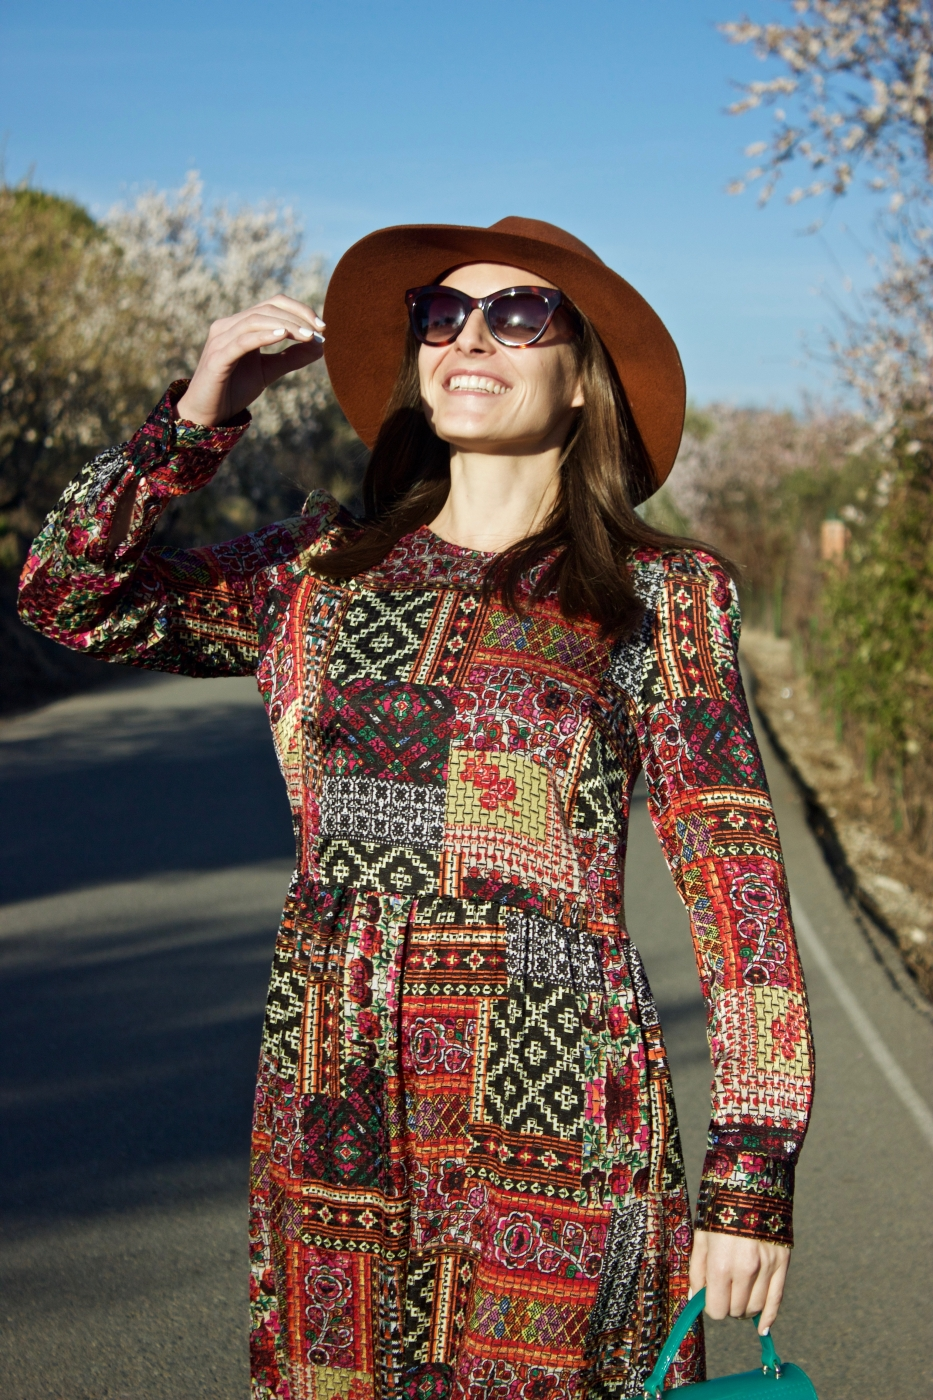 lara-vazquez-madlula-style-fashionblog-moda-streetstyle-happy-face-winter-dress-ootd